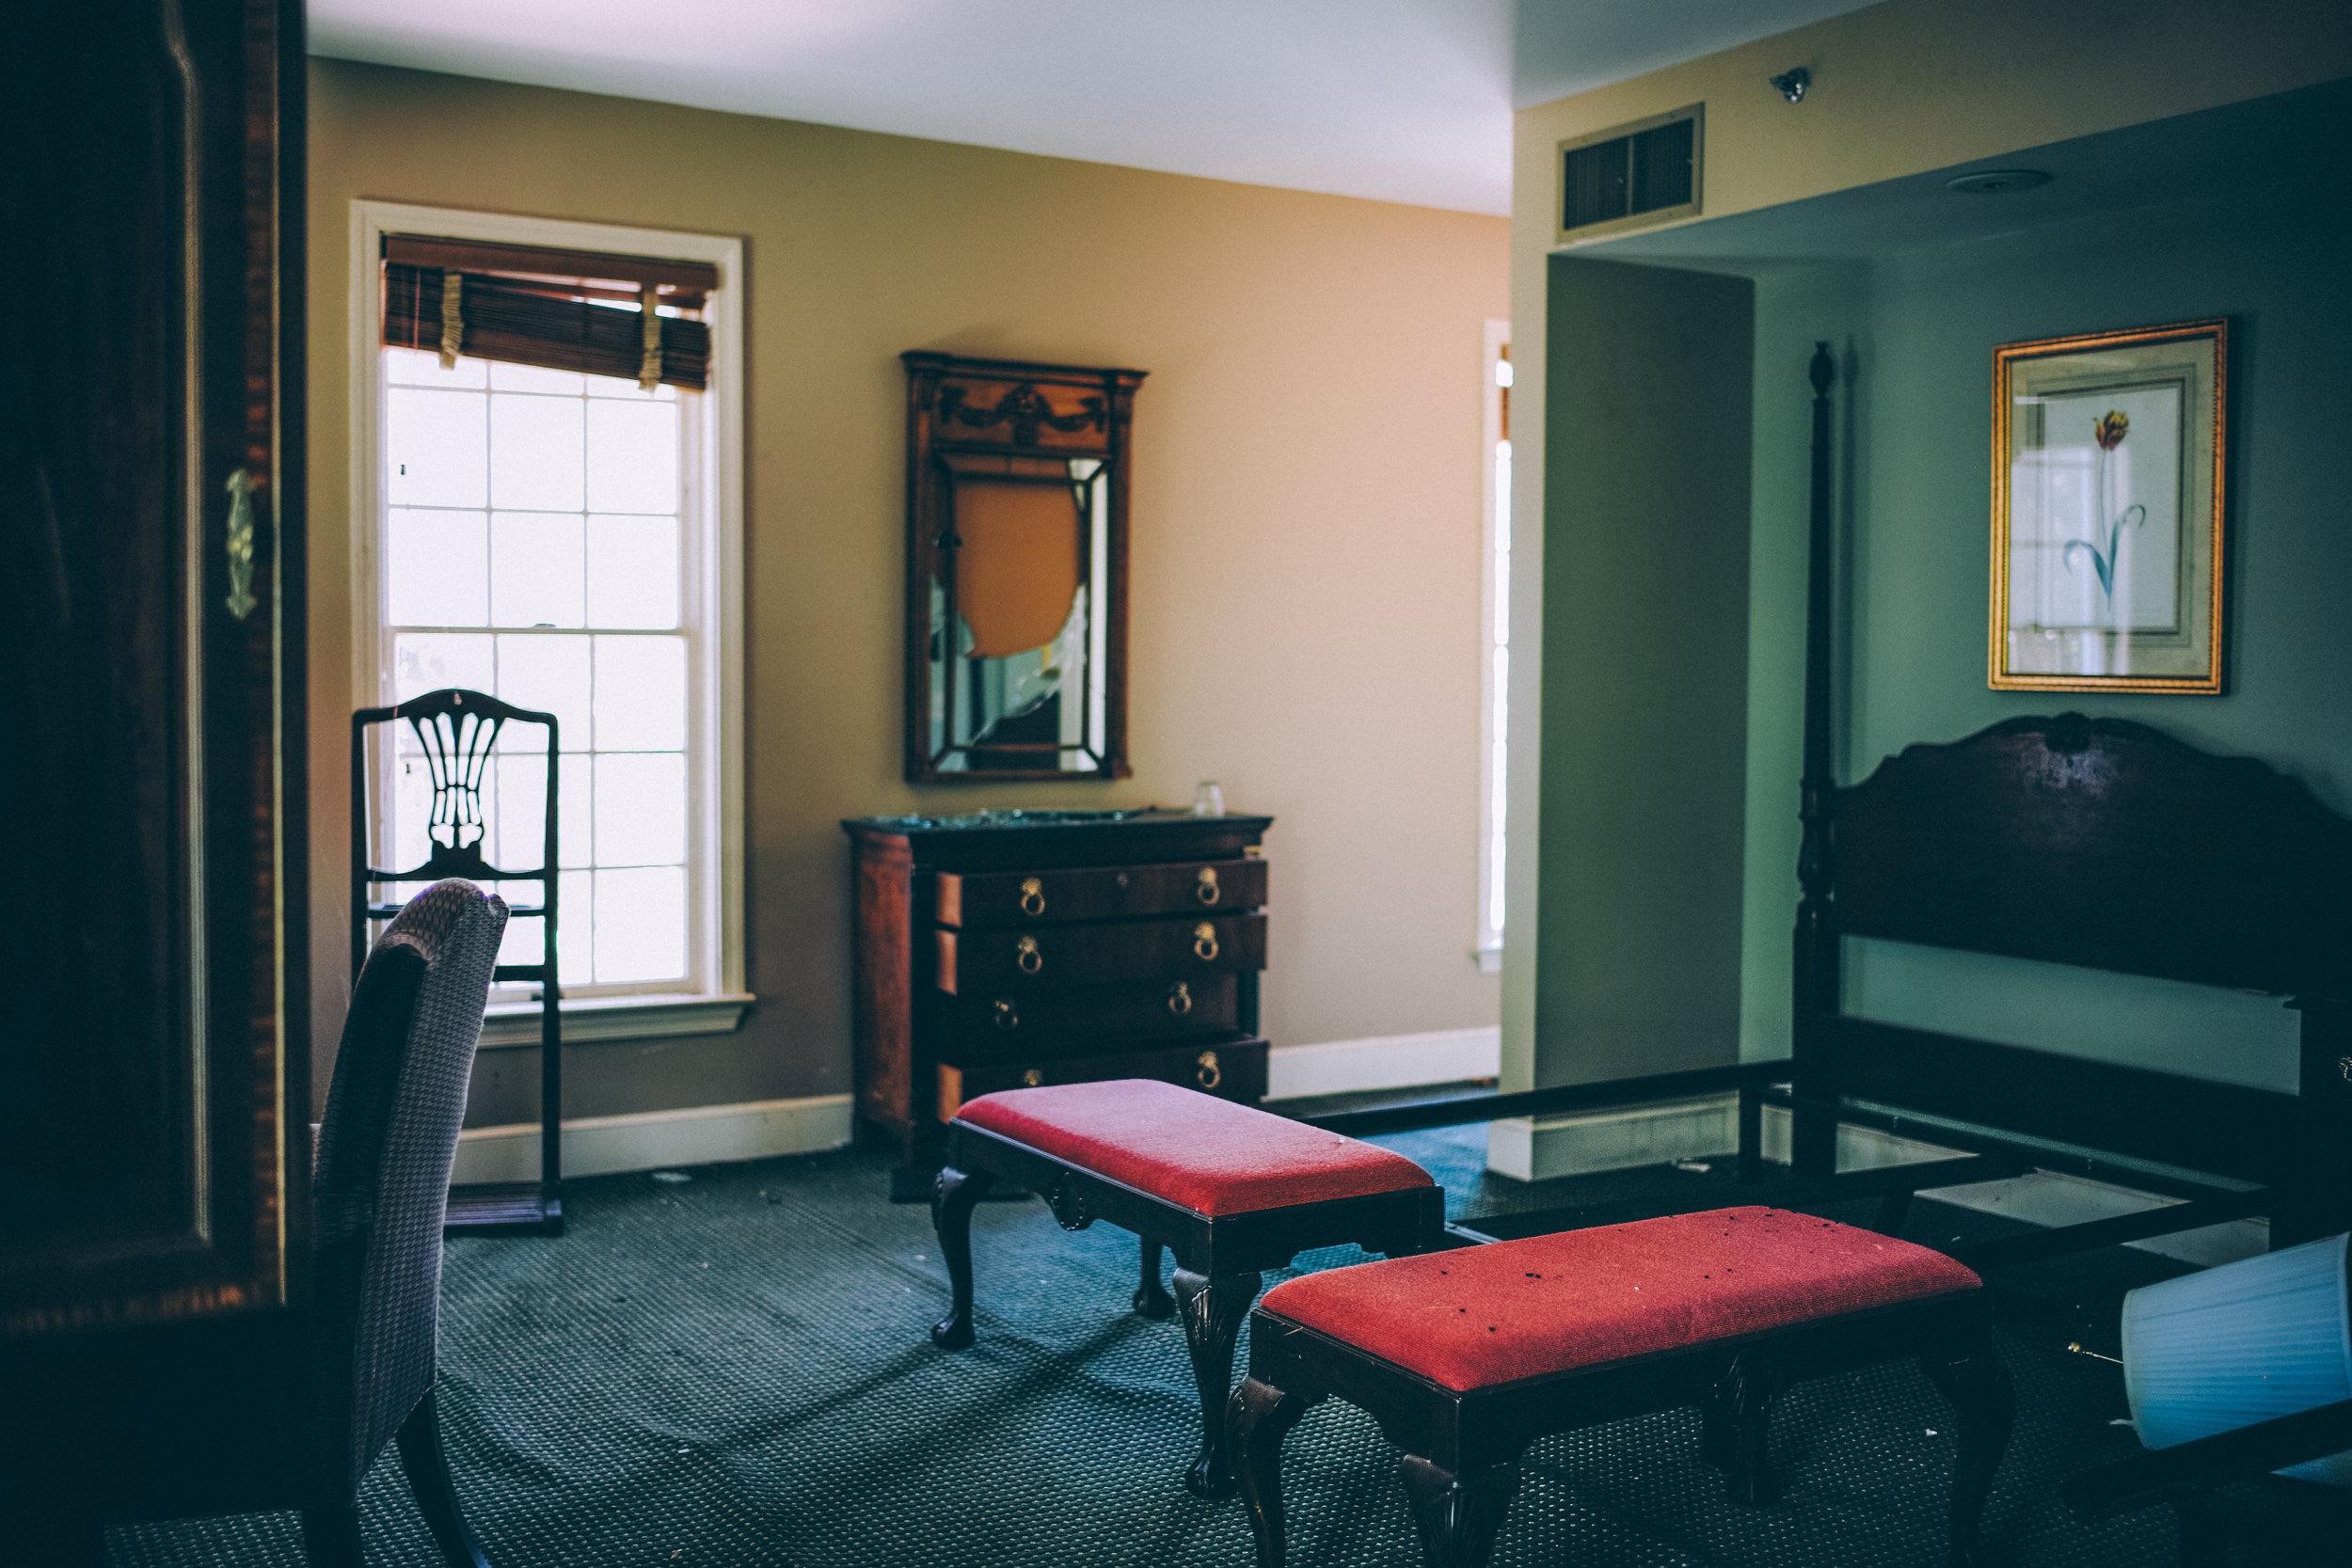 kw-abandoned-hotel-sc-img17.jpg